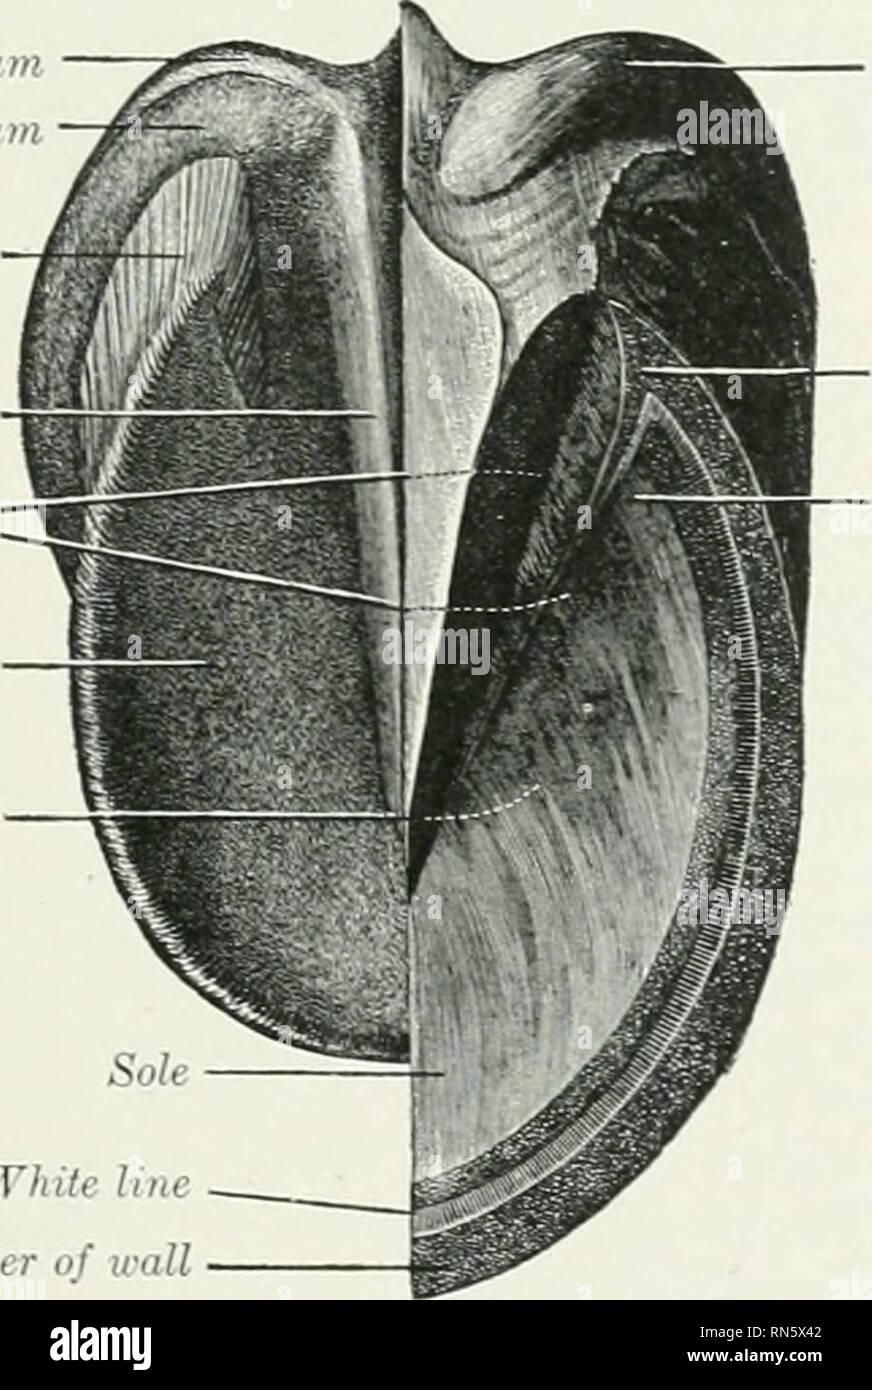 The Anatomy Of The Domestic Animals Veterinary Anatomy Cartifiigc